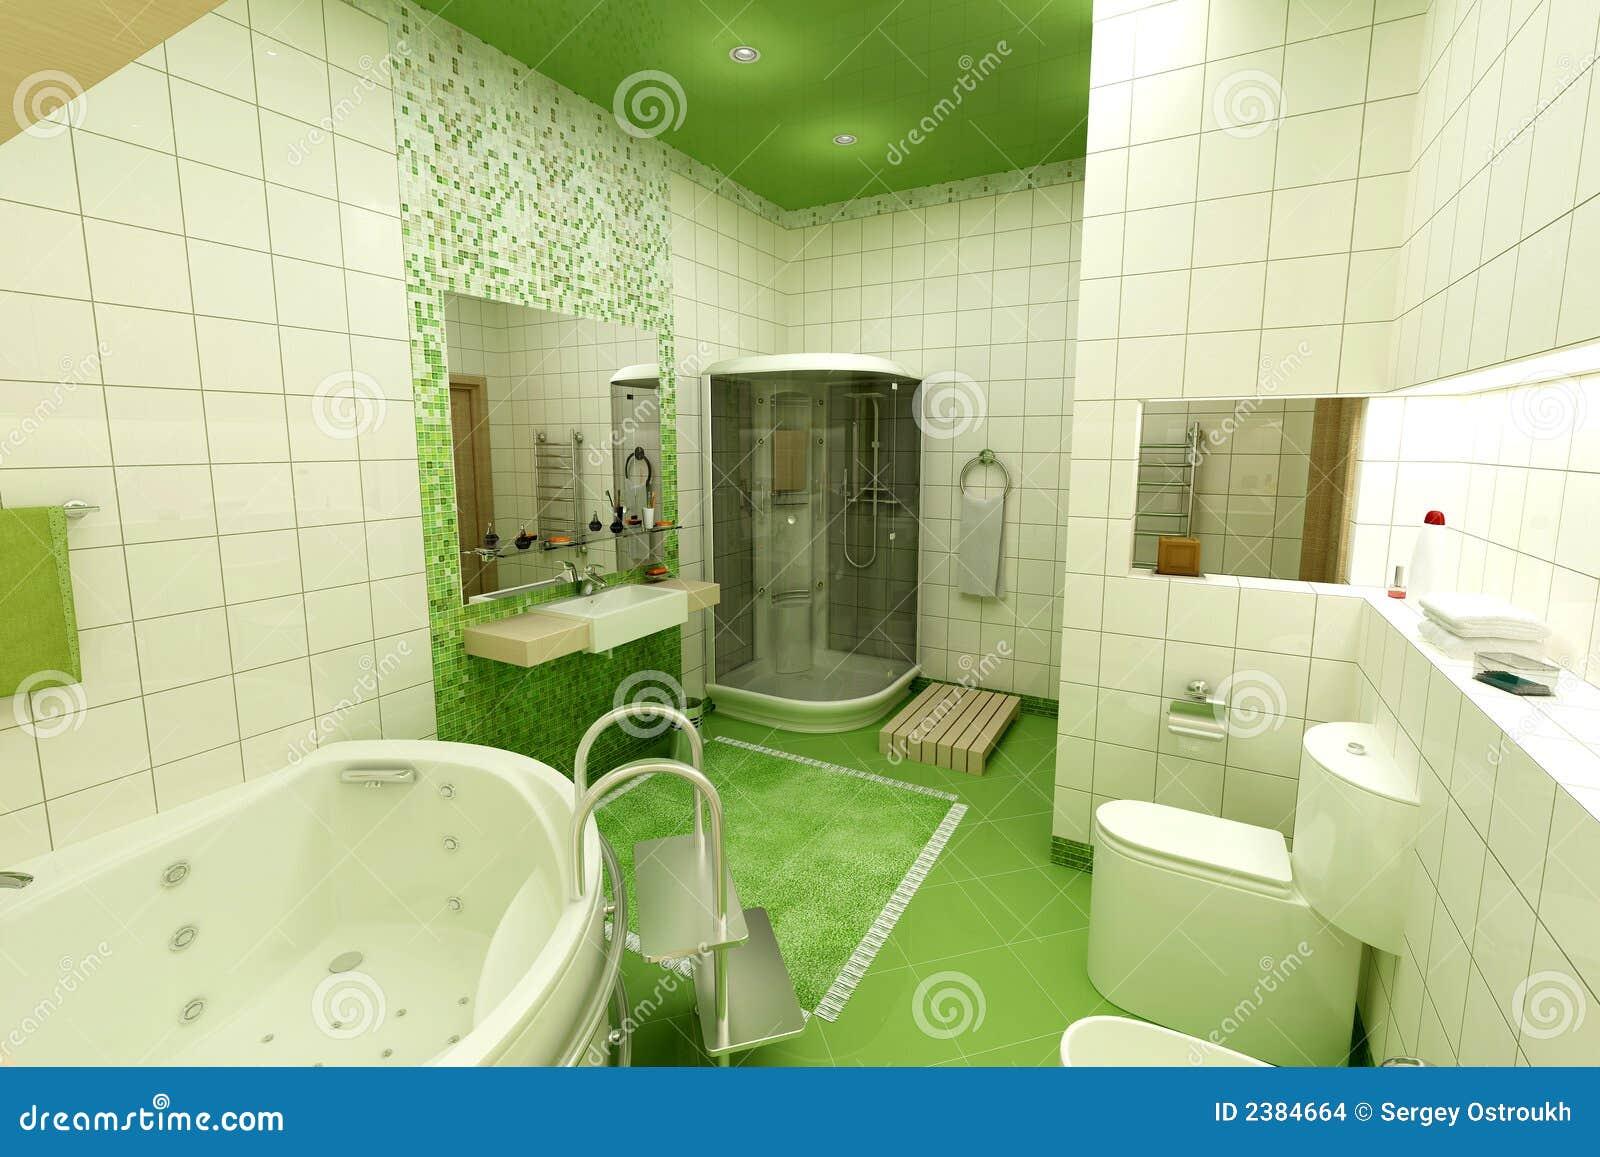 Imagens de #486D15 Banheiro Verde Imagens de Stock Imagem: 2384664 1300x957 px 3596 Banheiros Verdes Fotos